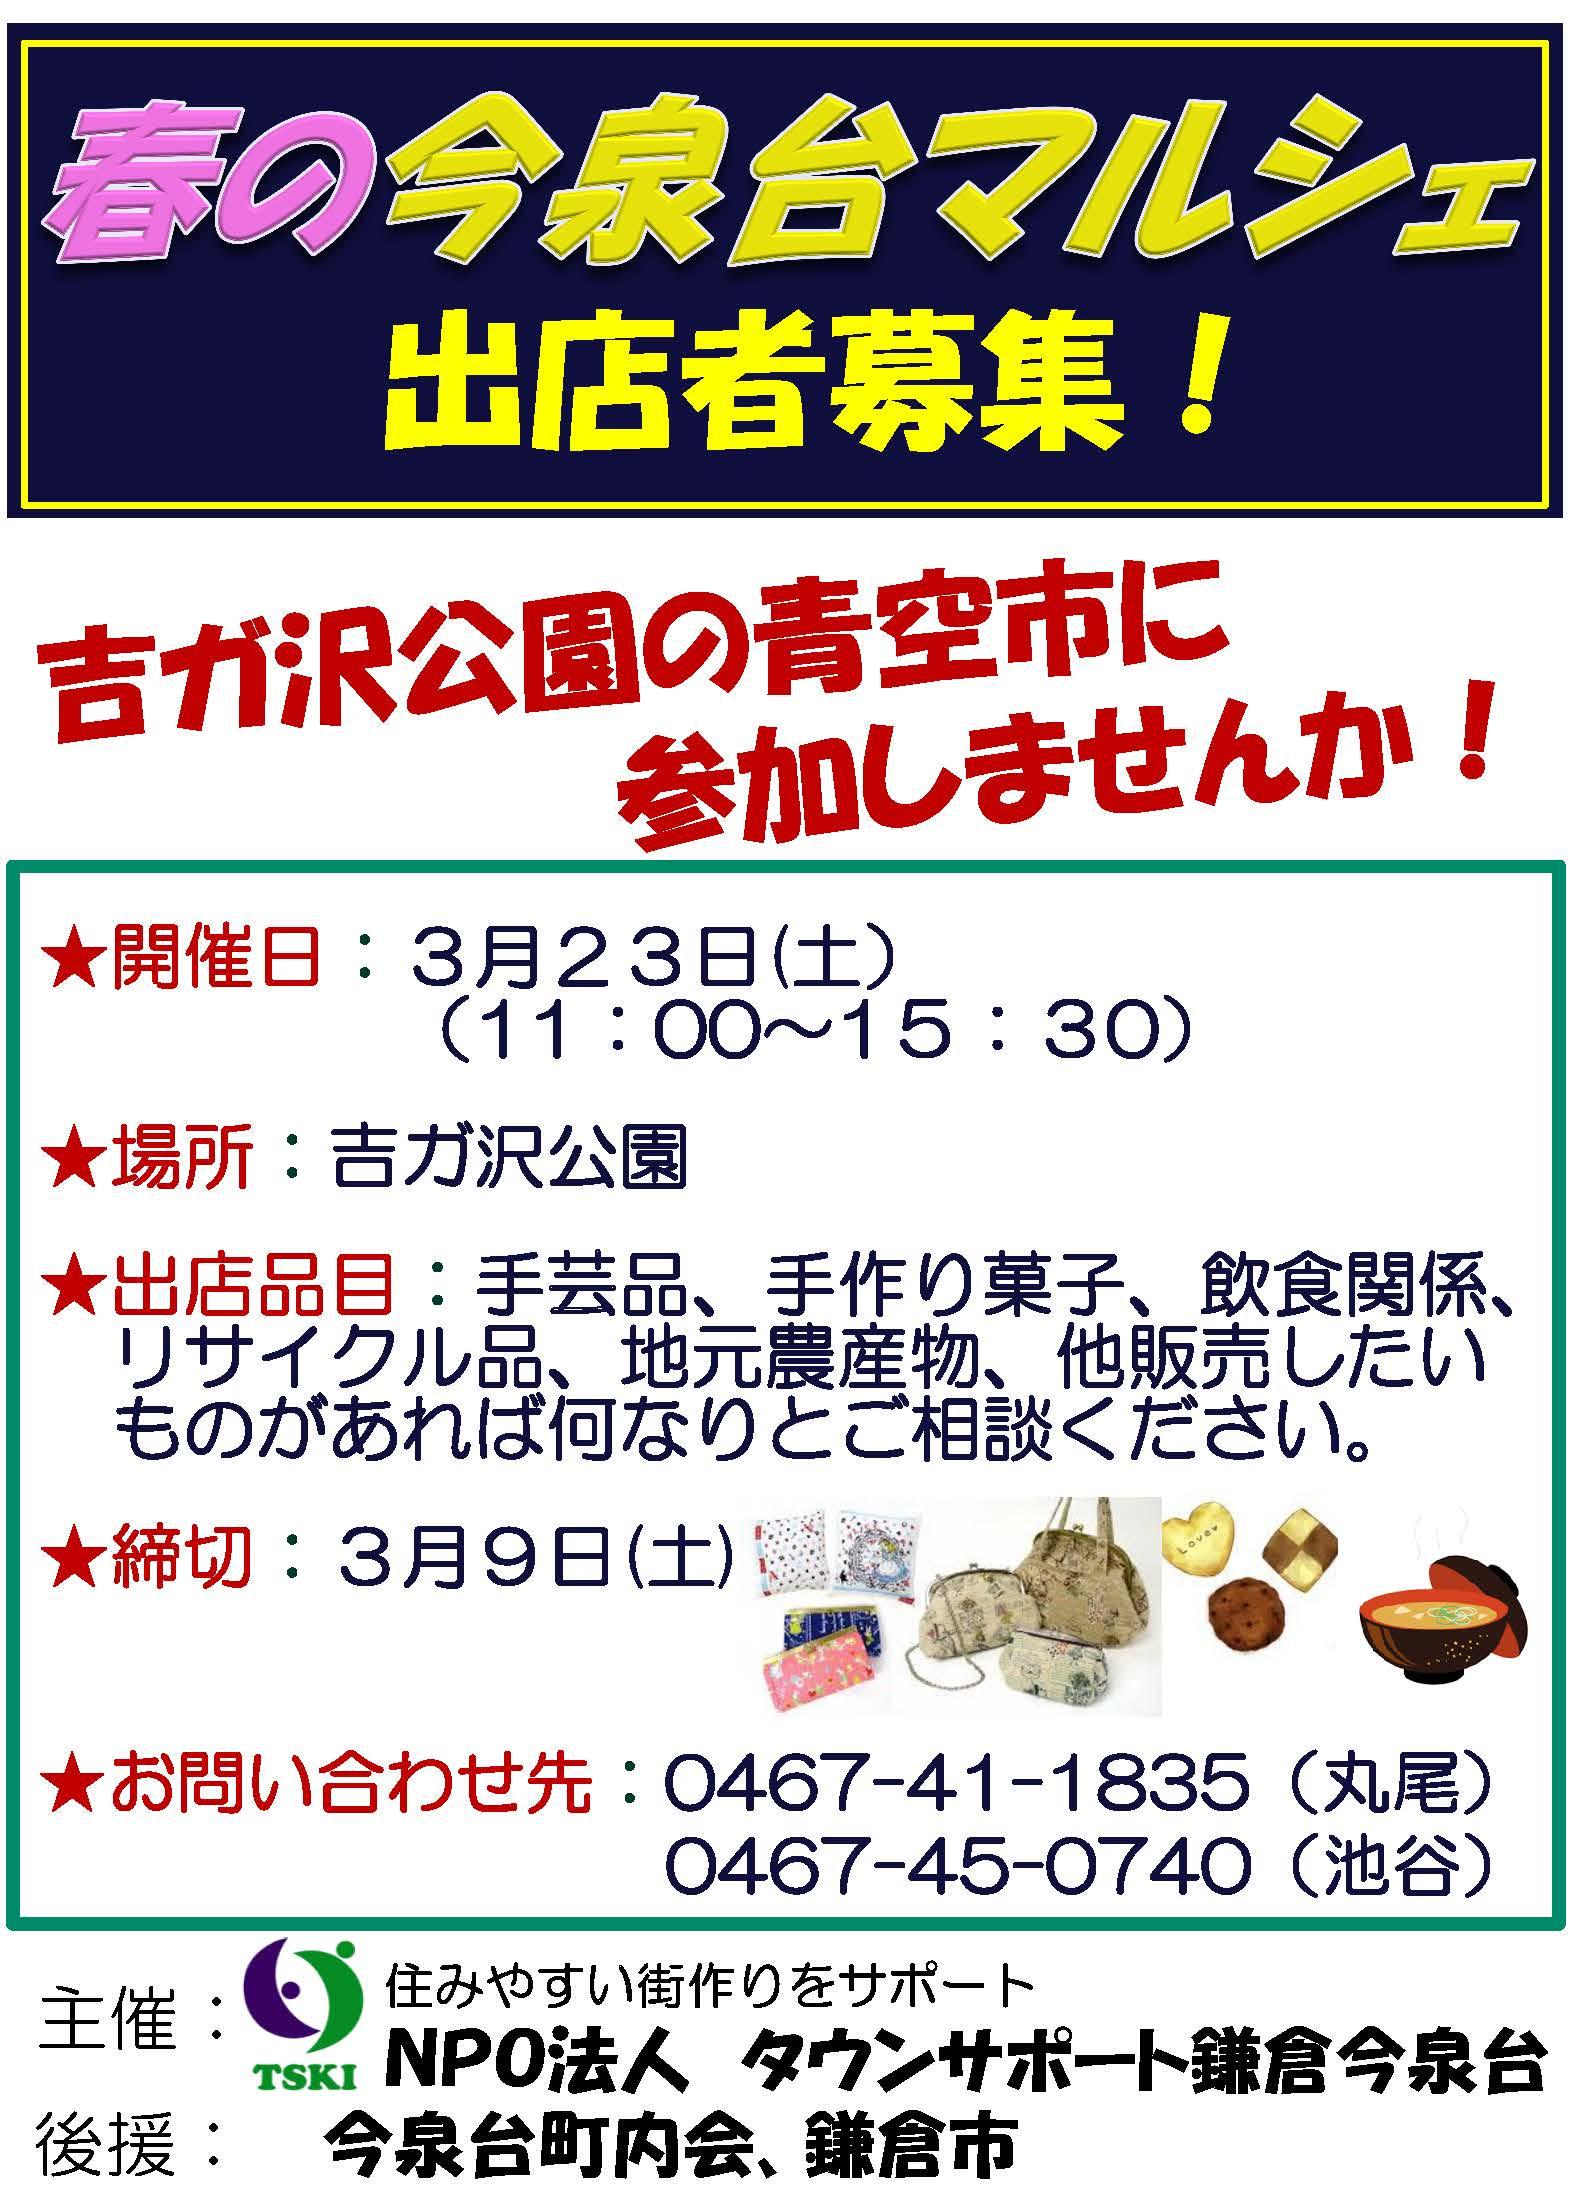 19.3マルシェ出店募集ポスター